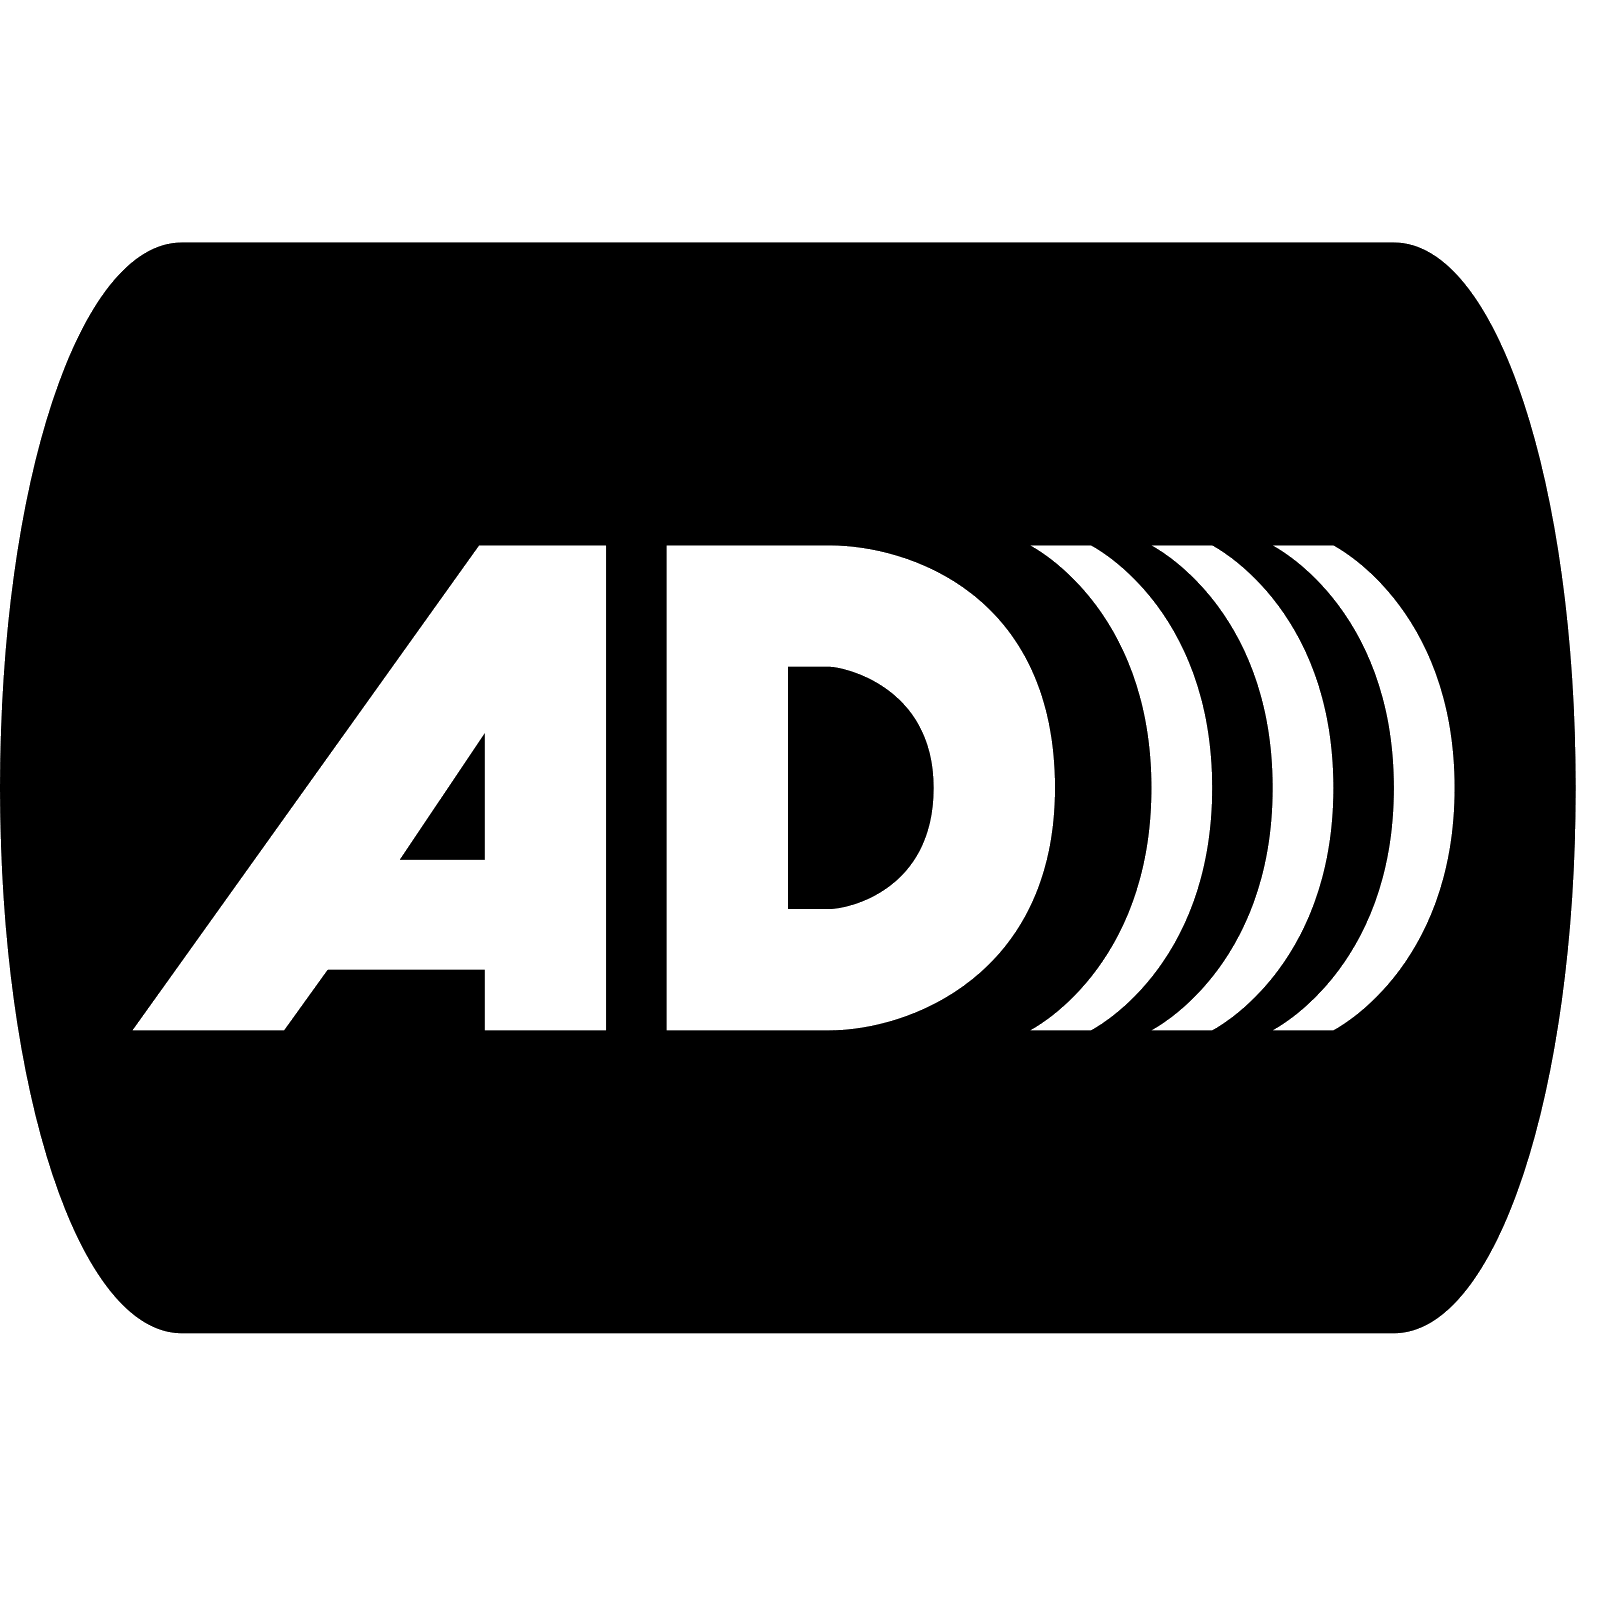 1600x1600 Audio Description Icon